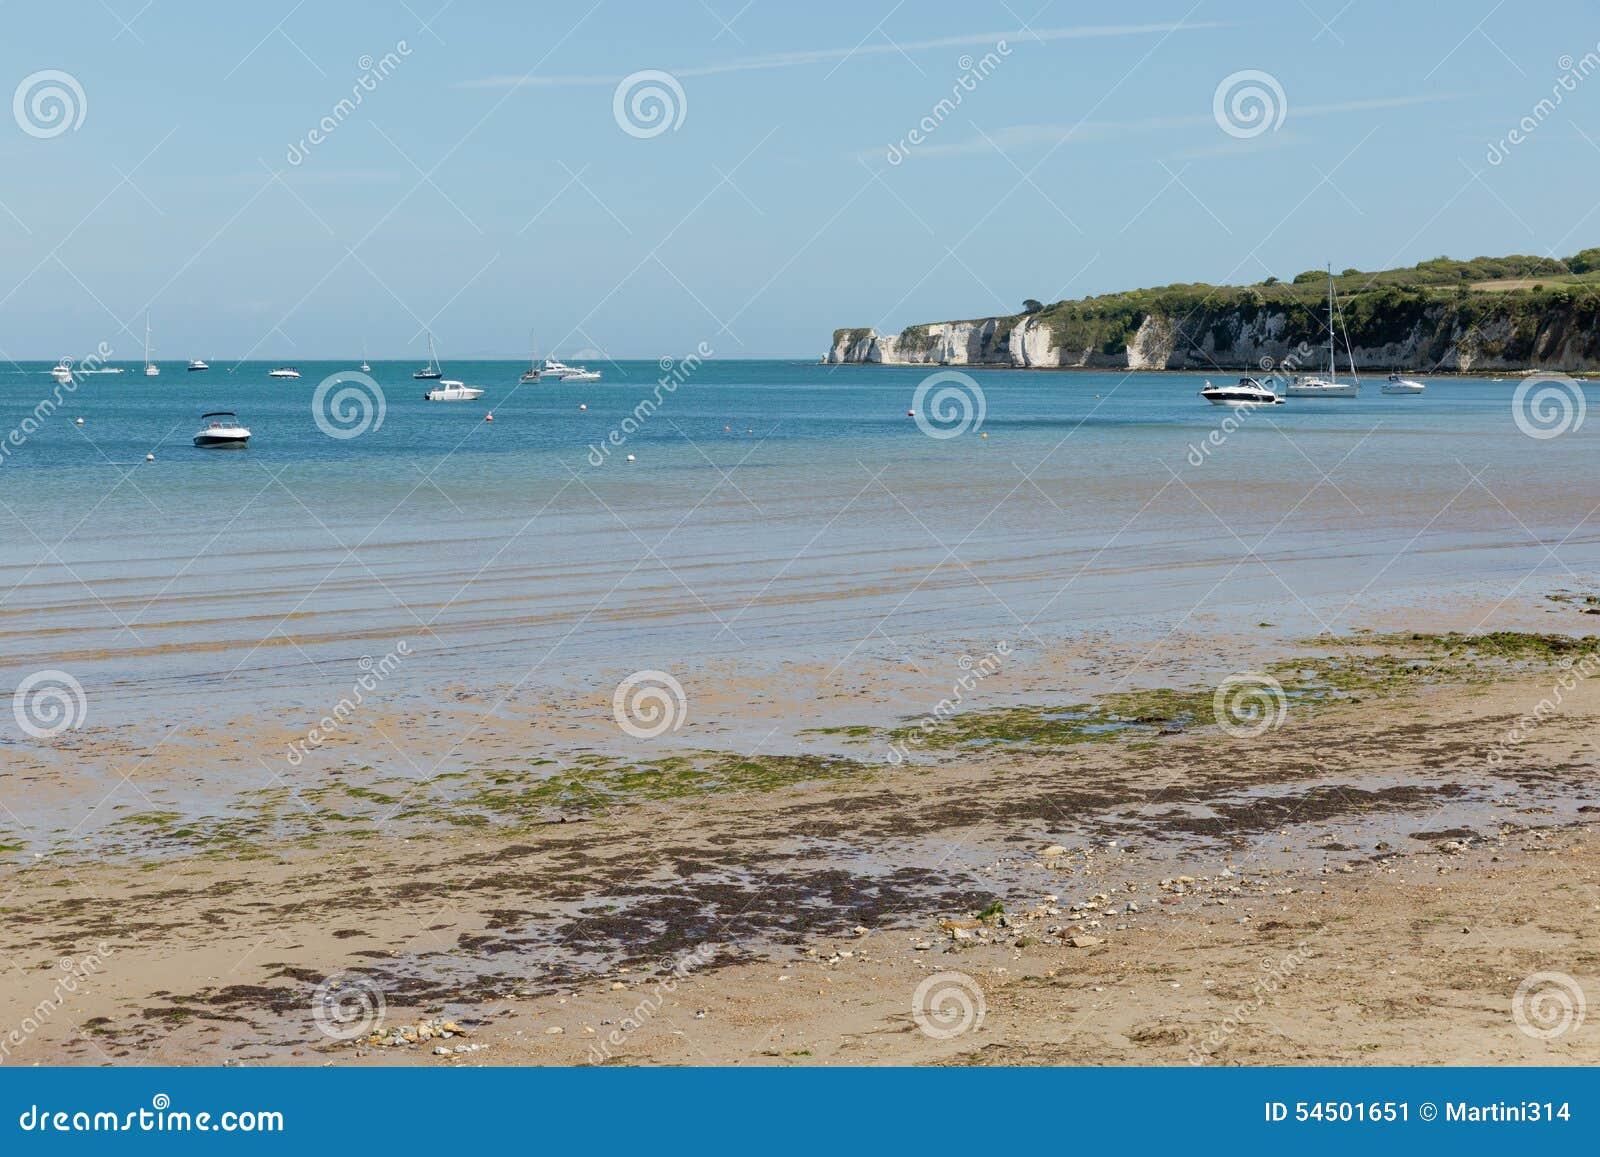 Une photo prise une journée de printemps à la plage de Swanage regardant vers les bateaux sur la mer et la côte jurasic rayent